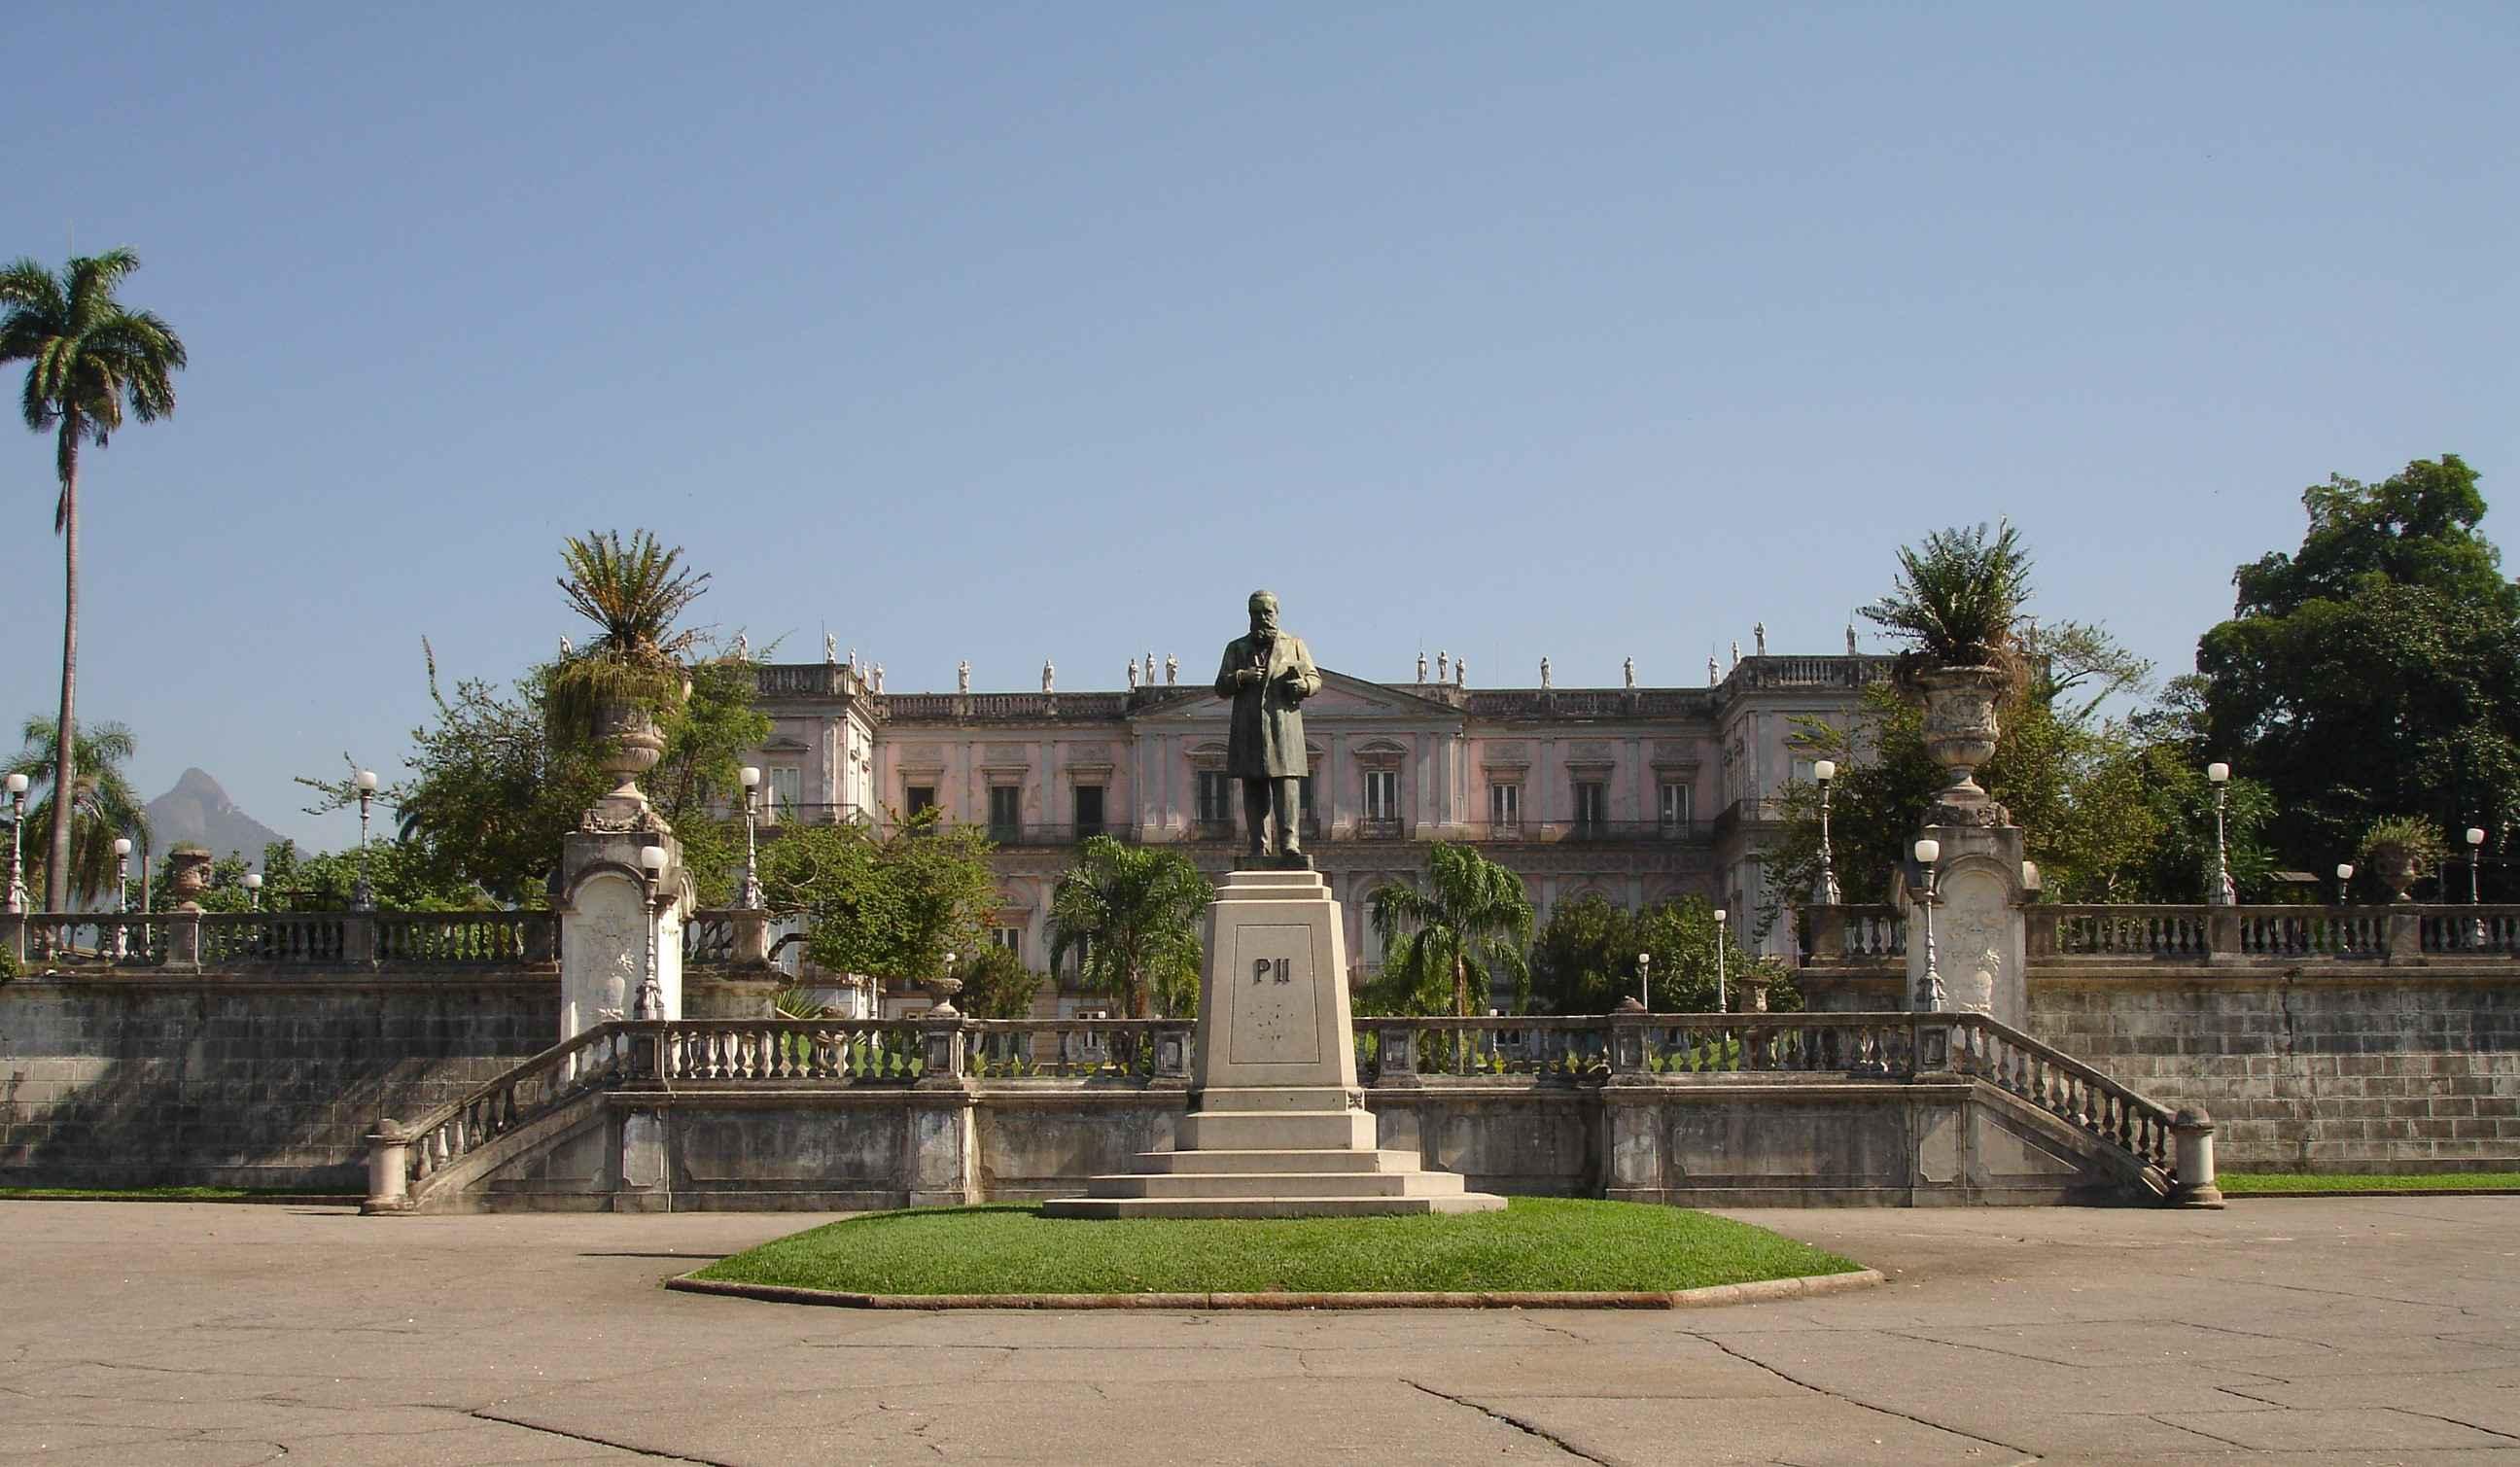 Museu Nacional: